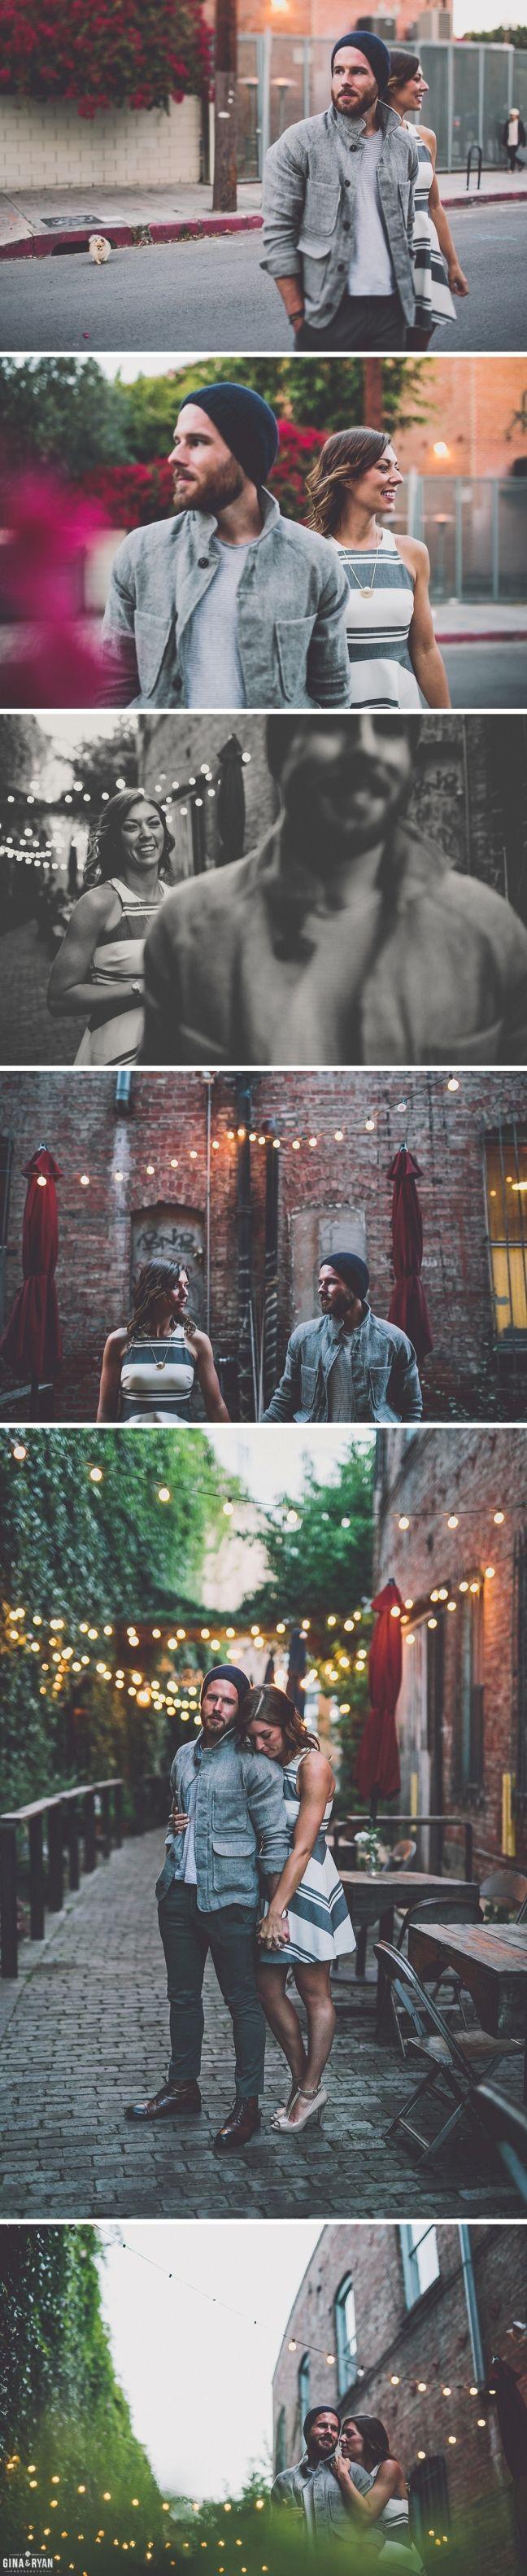 Los Angeles Engagement Photos LA Arts District